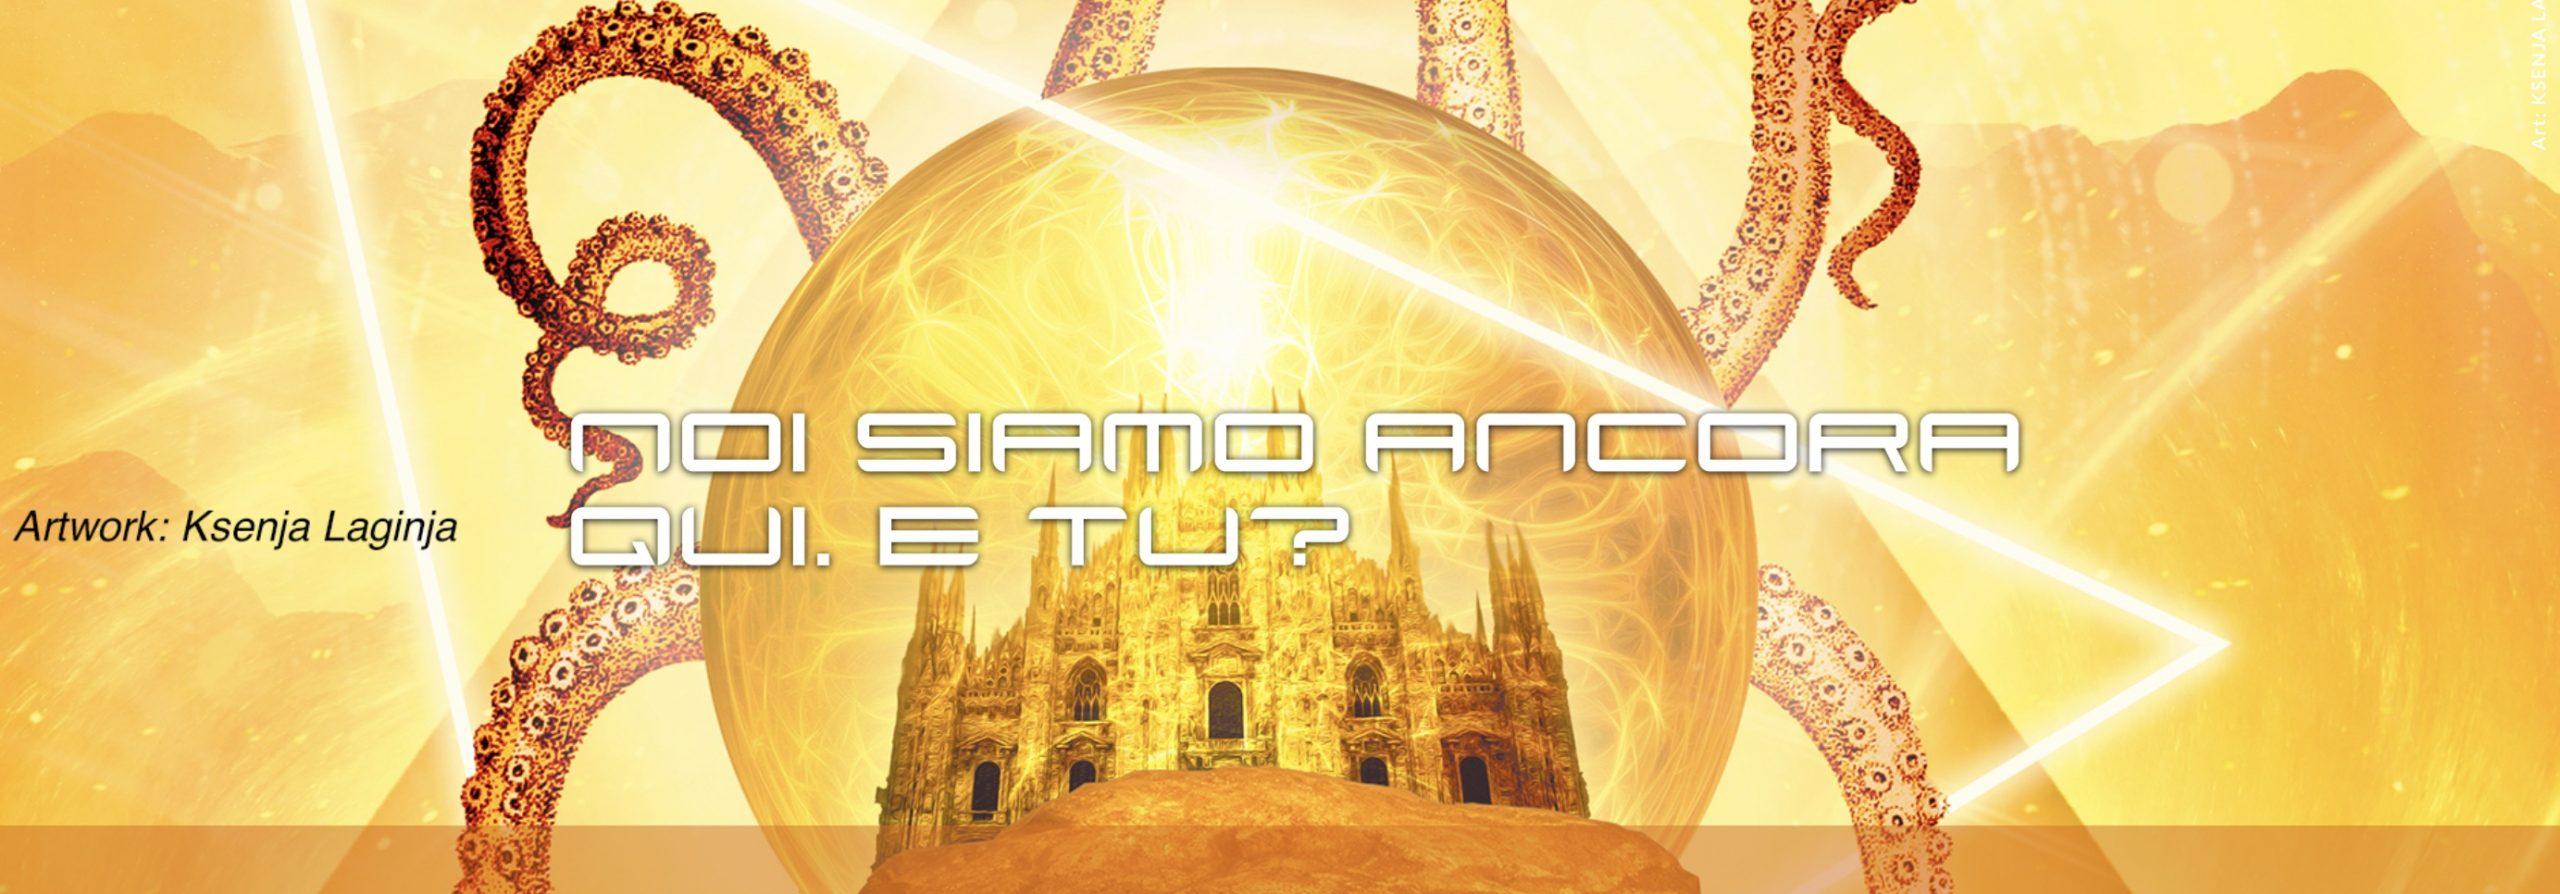 Stranimondi 2021, il report di Linda Talato dellla kermesse del fantastico e della fantascienza che si è tenuta alla Casa dei Giochi di Milano l'11 e il 12 settembre.